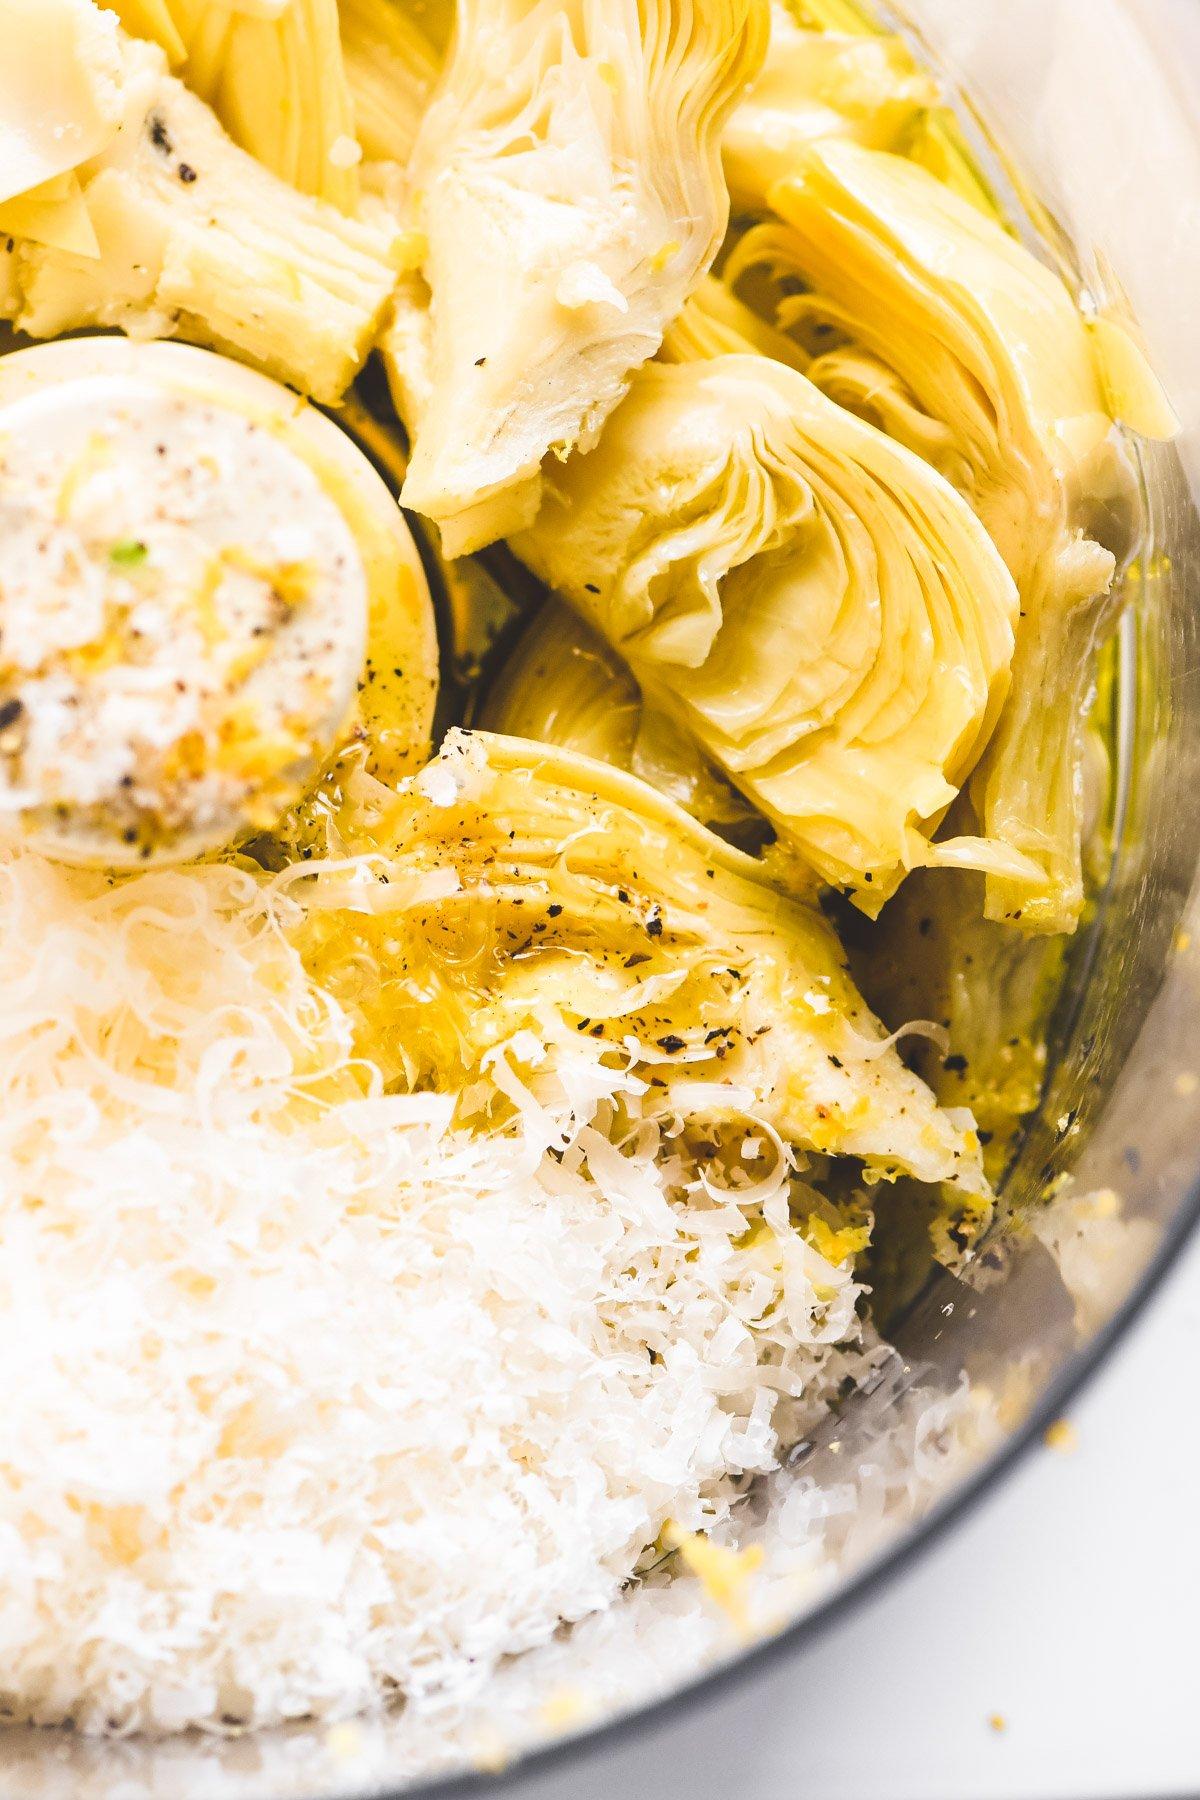 making artichoke lemon pesto in a food processor